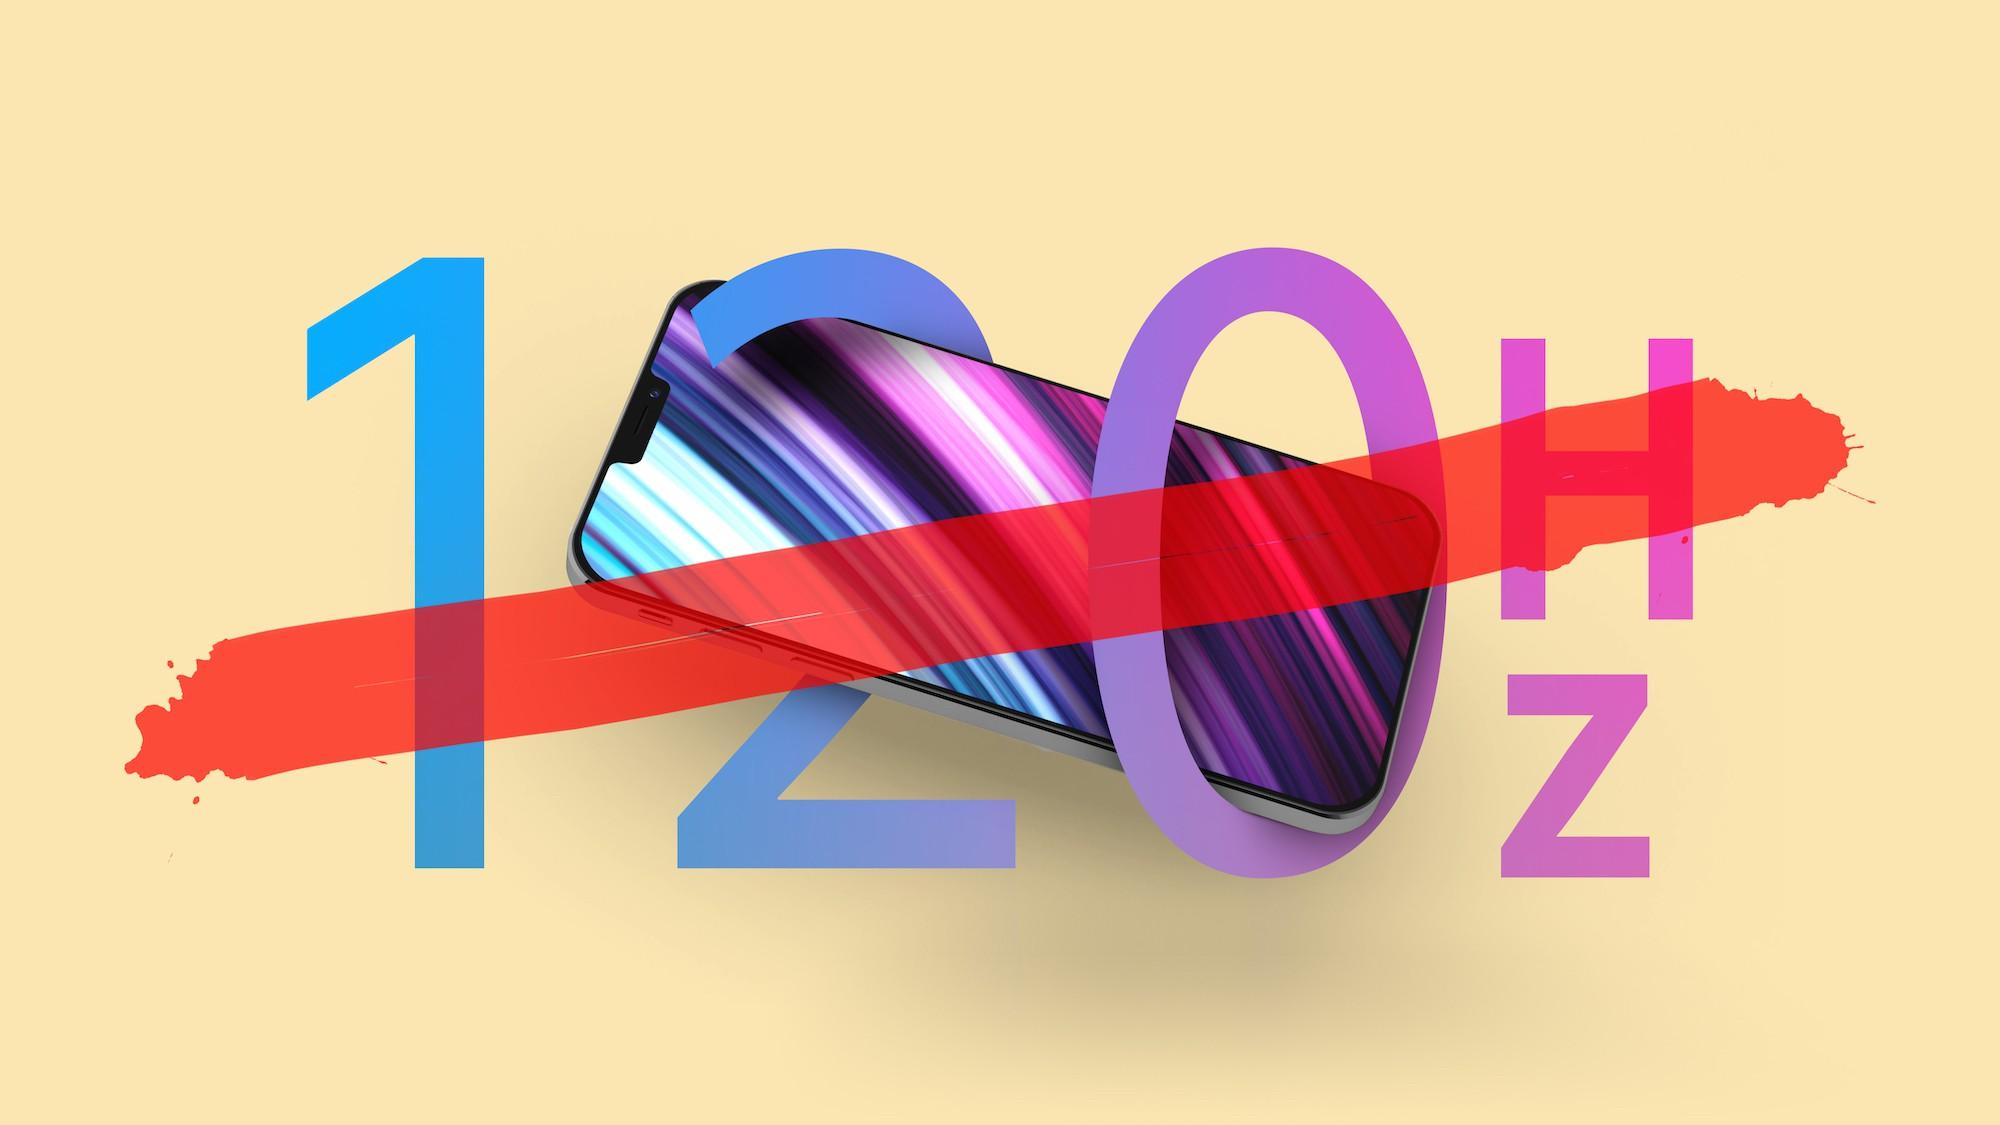 Podle známého analytika Kua nemáme letos u iPhonu očekávat 120Hz displej